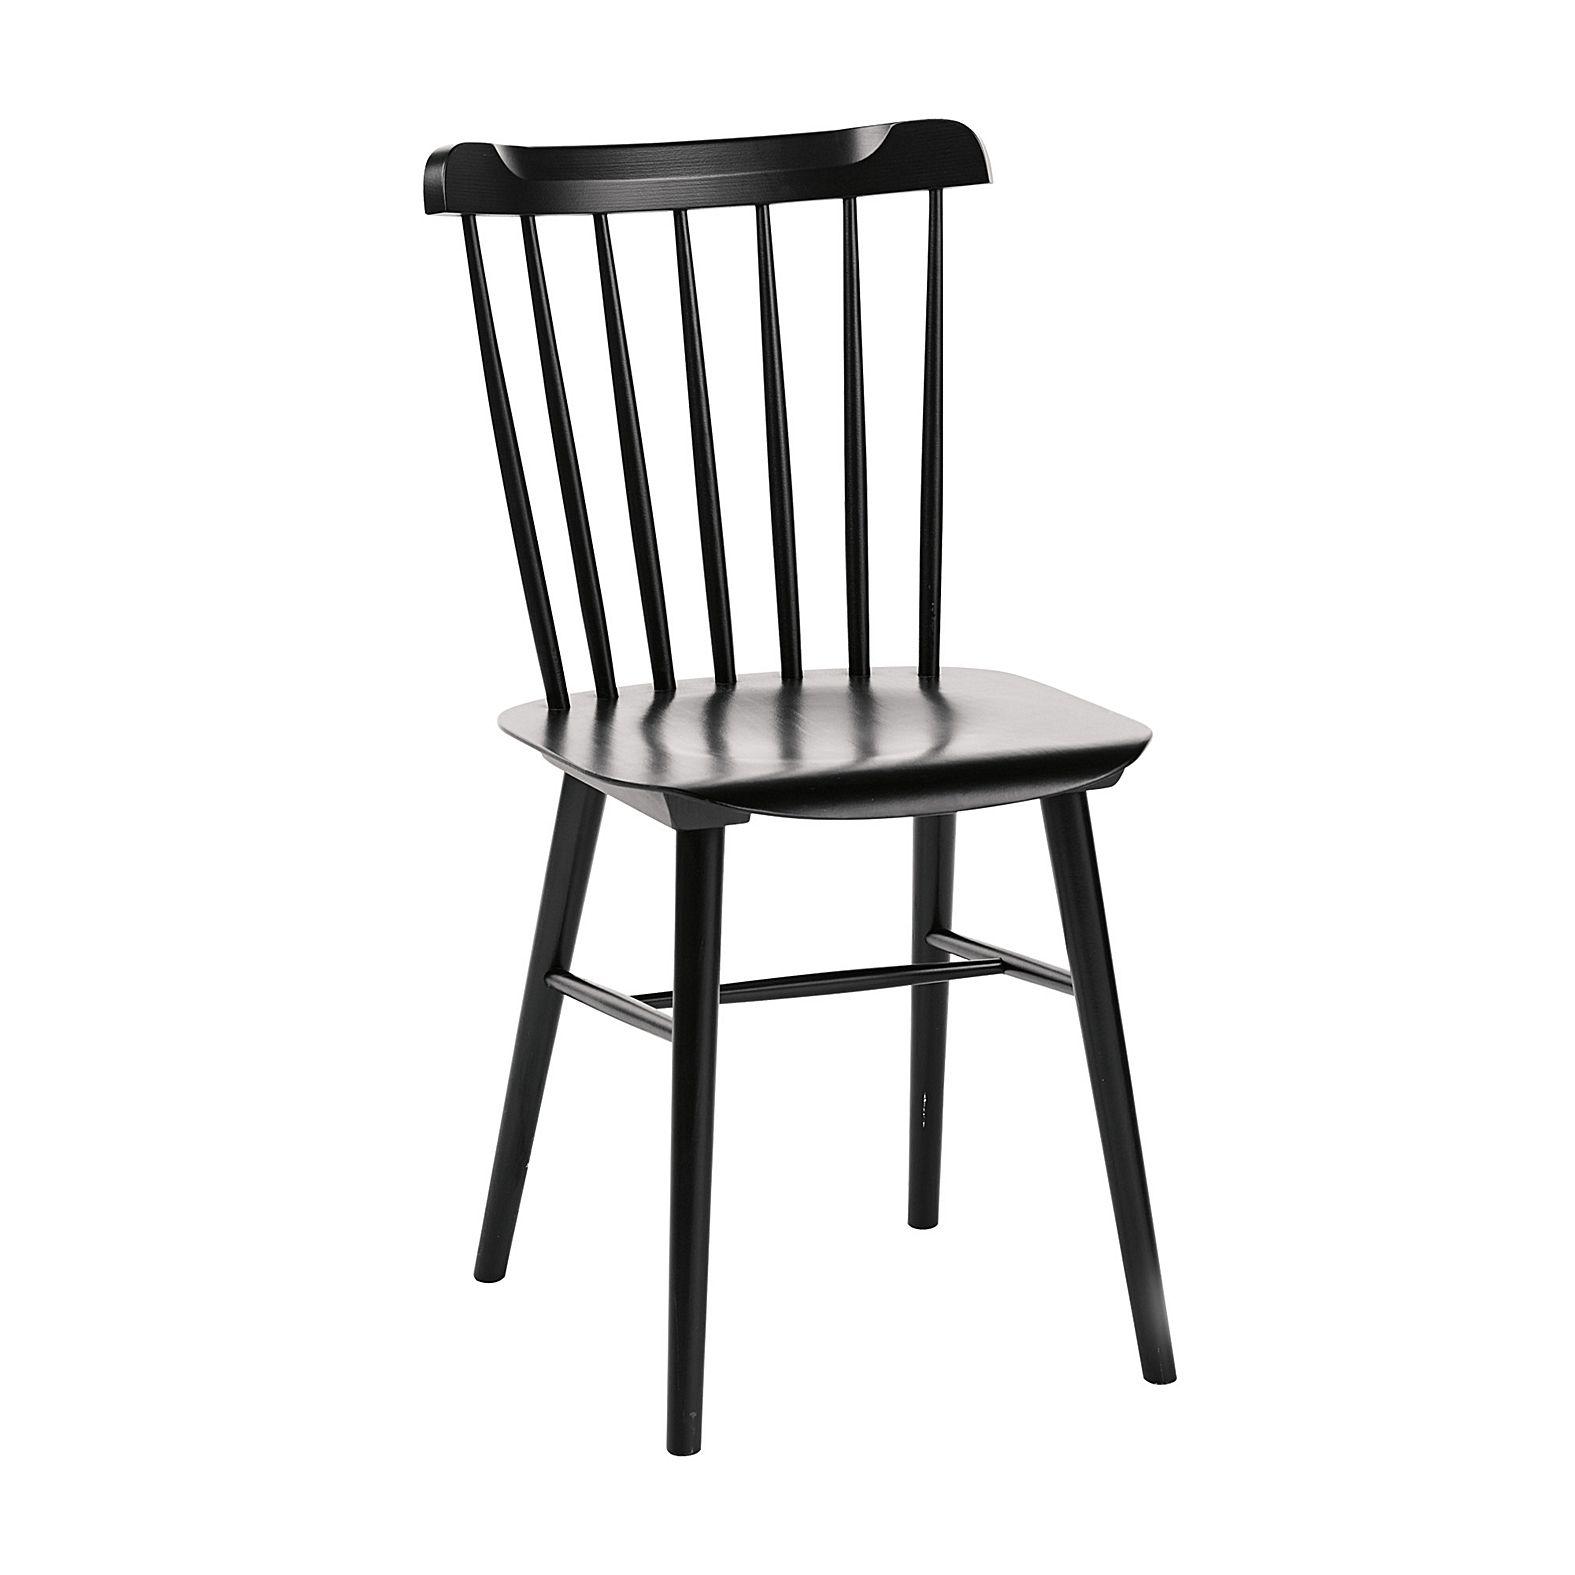 Tucker Chair  Black  Serena  Lily desk chair or DWR salt chair